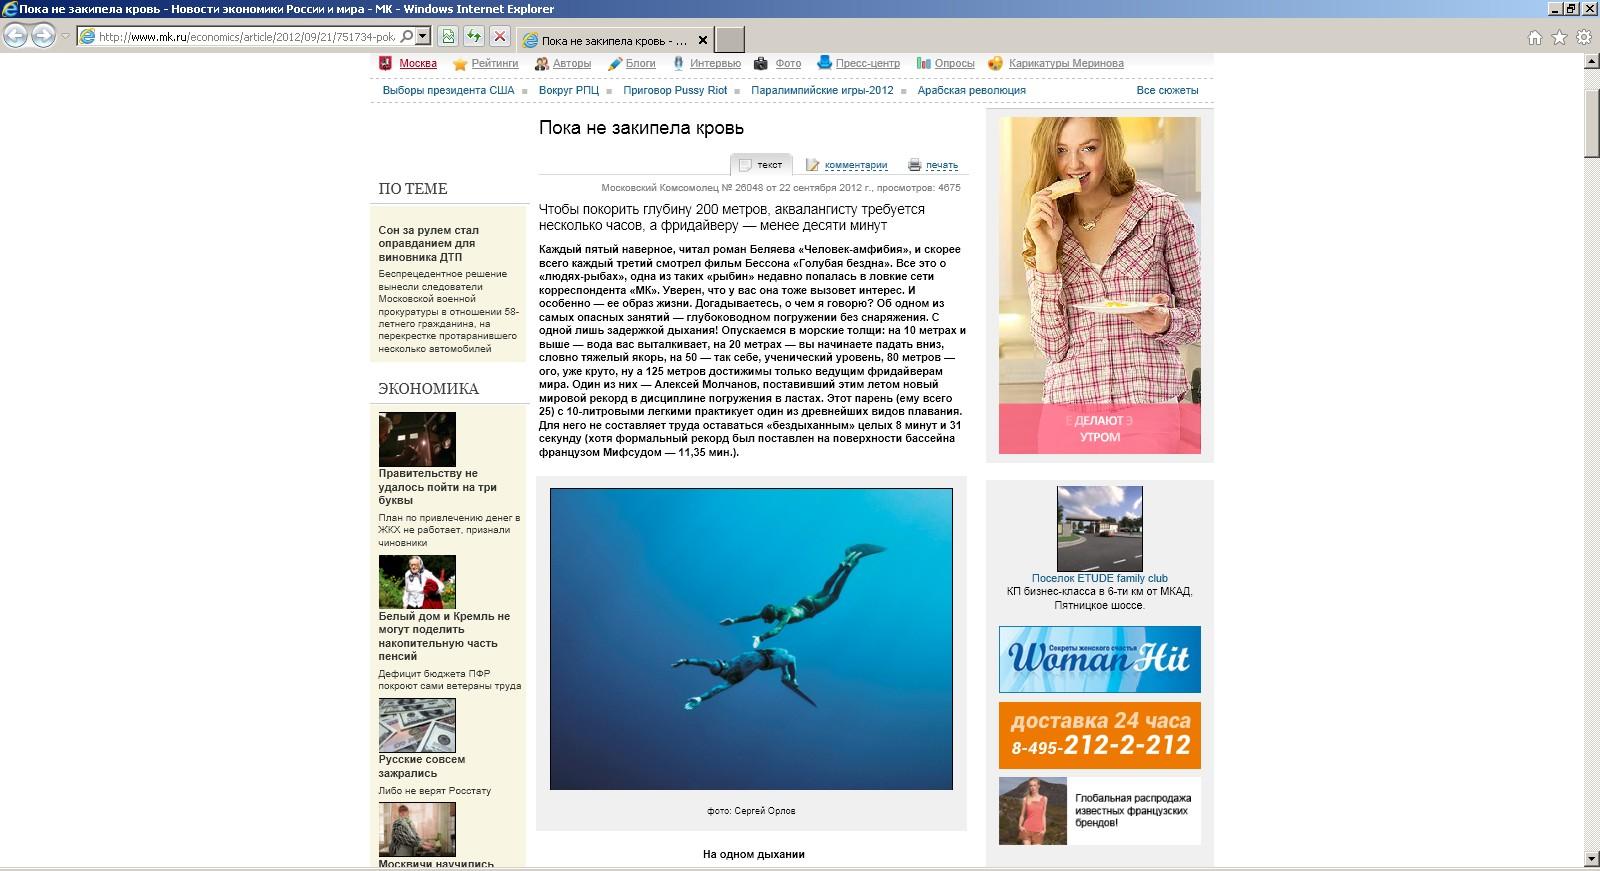 Статья в Московском Комсомольце про фридайвинг с моими фотографиями